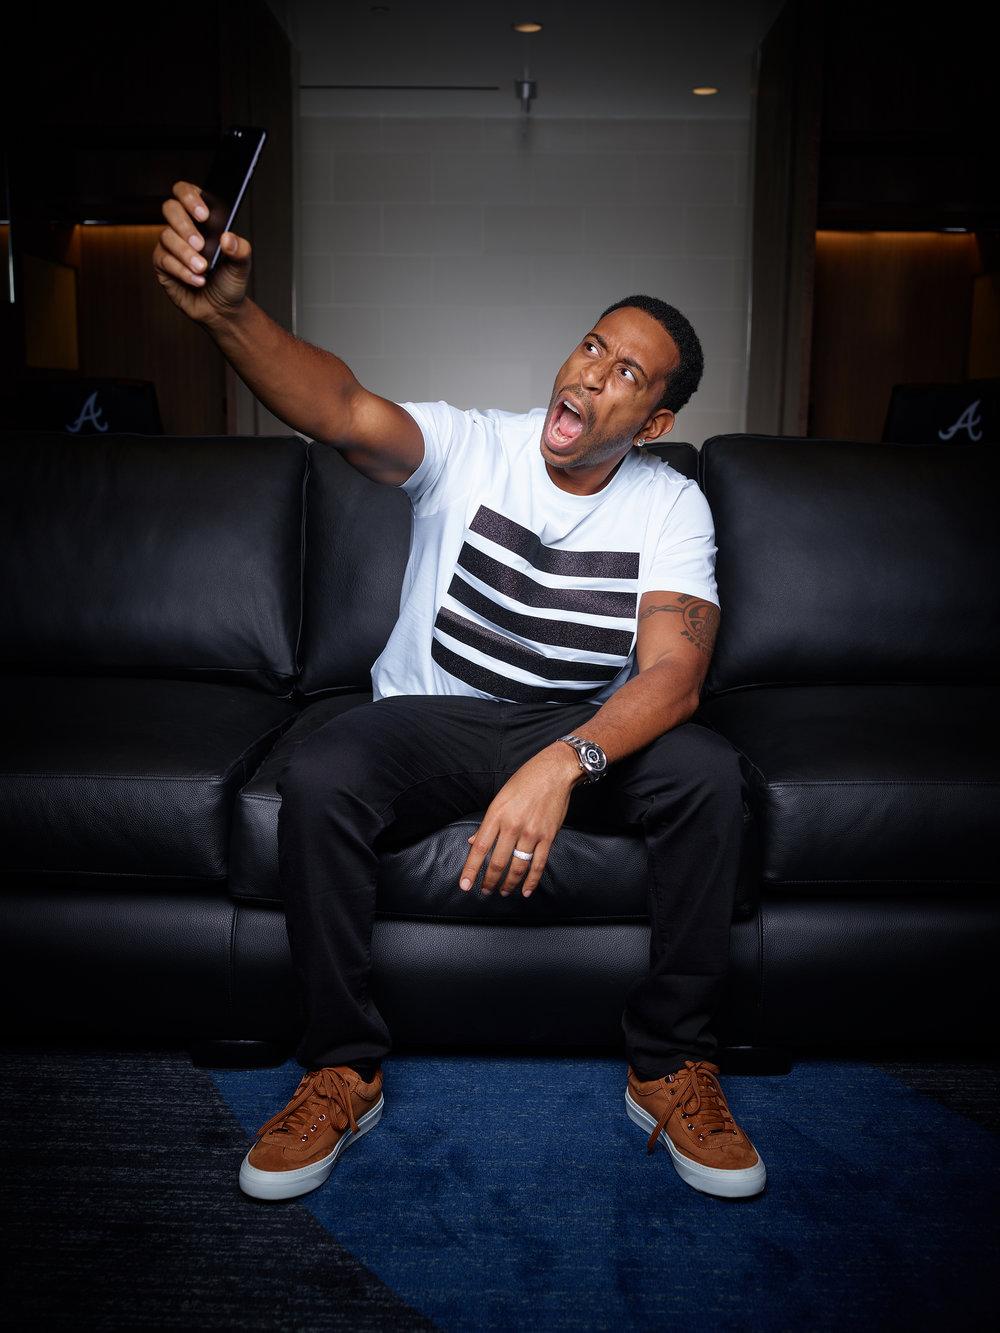 Ludacris_by_Zack_Arias_007.jpg